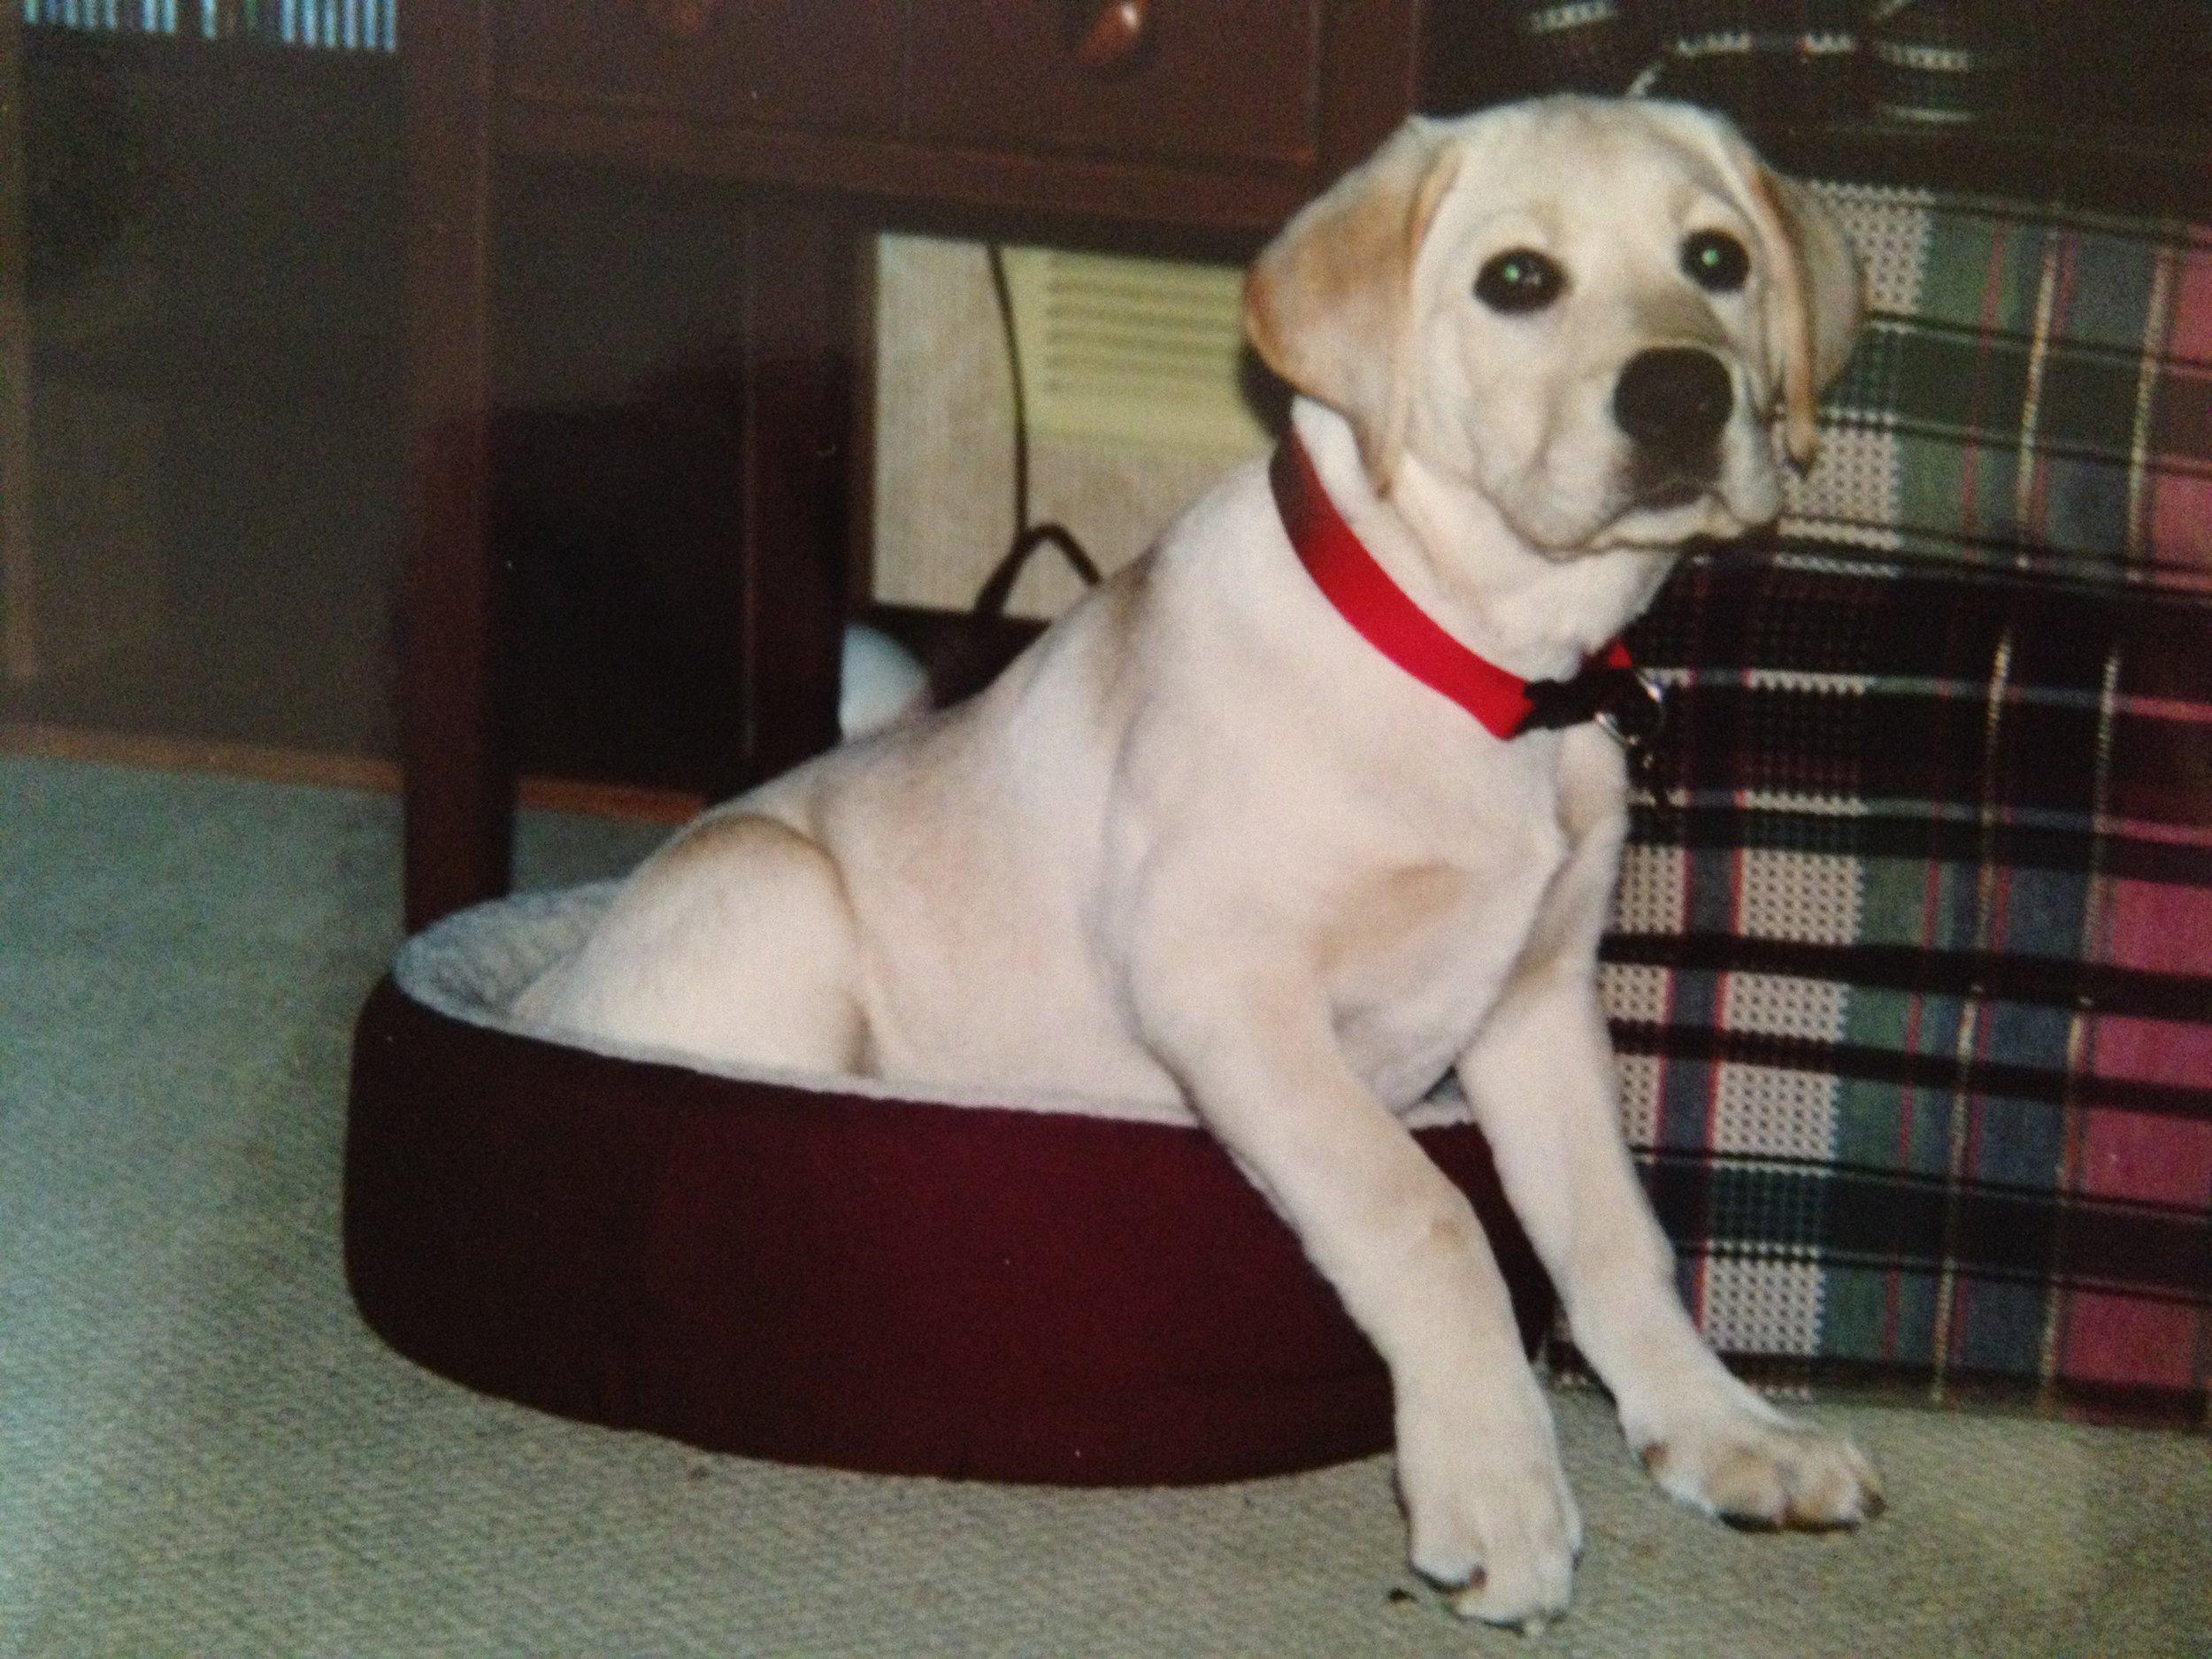 Daisy in Mr. Cat's Bed